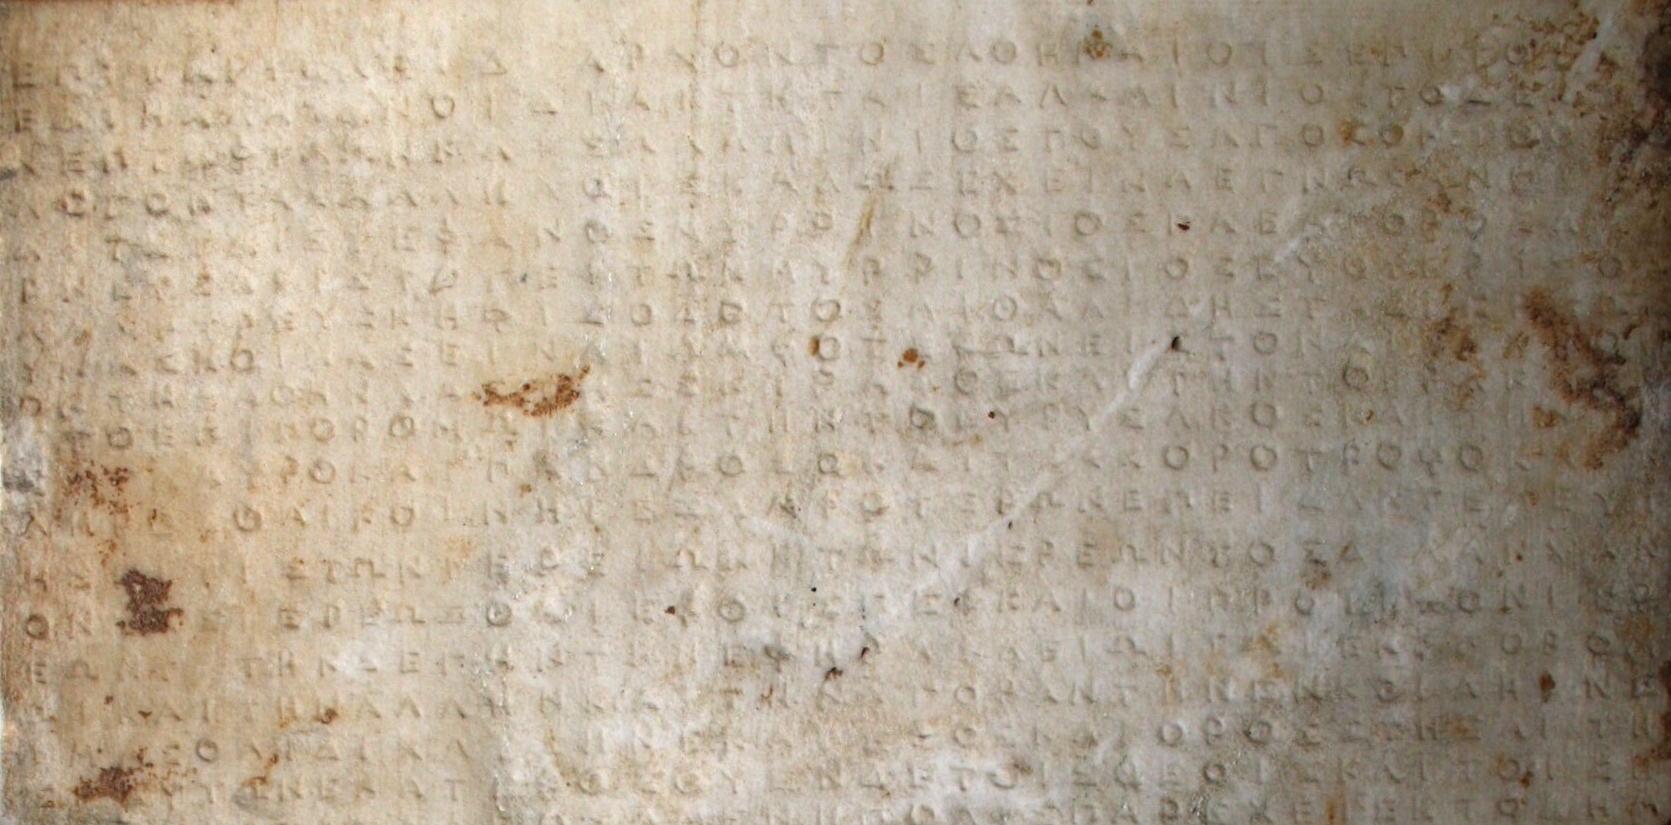 Επιγραφή 4ος αι. π.Χ. Σαλαμίνα. Φωτογραφία Giovanni Dall'Orto.